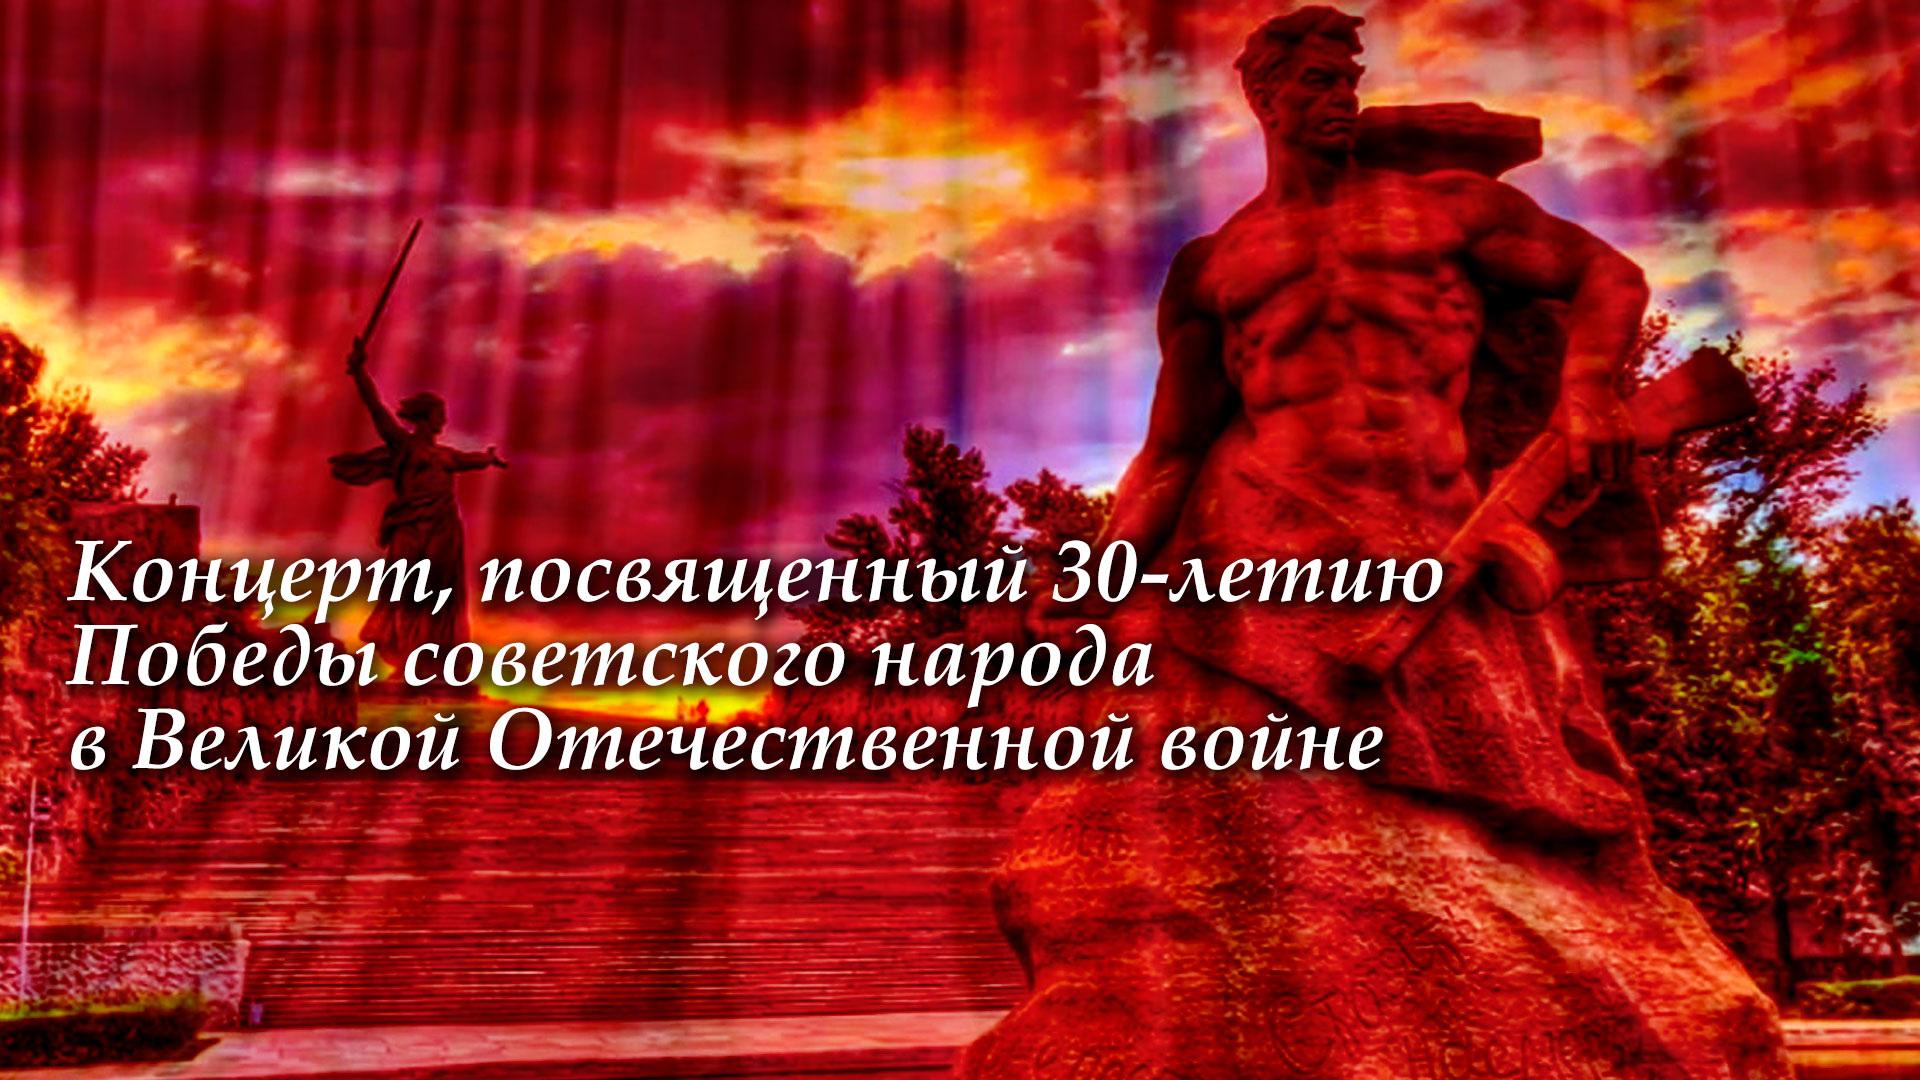 Концерт, посвященный 30-летию Победы советского народа в Великой Отечественной войне